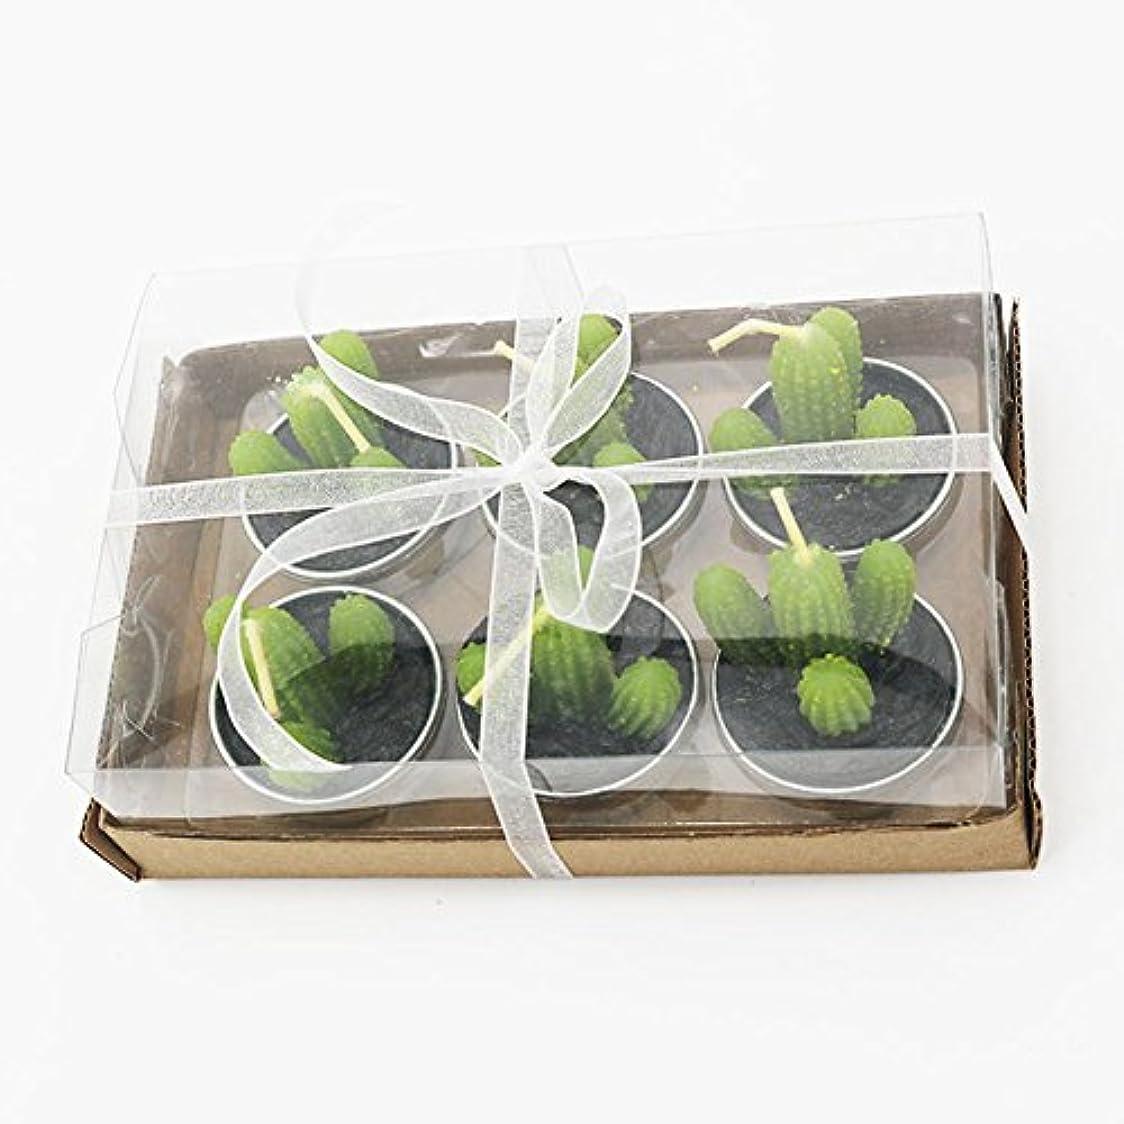 啓発する頑張る肺Liebeye キャンドル 多肉植物スモークフリーのクリエイティブなキャンドル100%自然のワックスかわいい模造植物フルーツの形状低温キャンドル 6個/箱 カクタス?ボックス